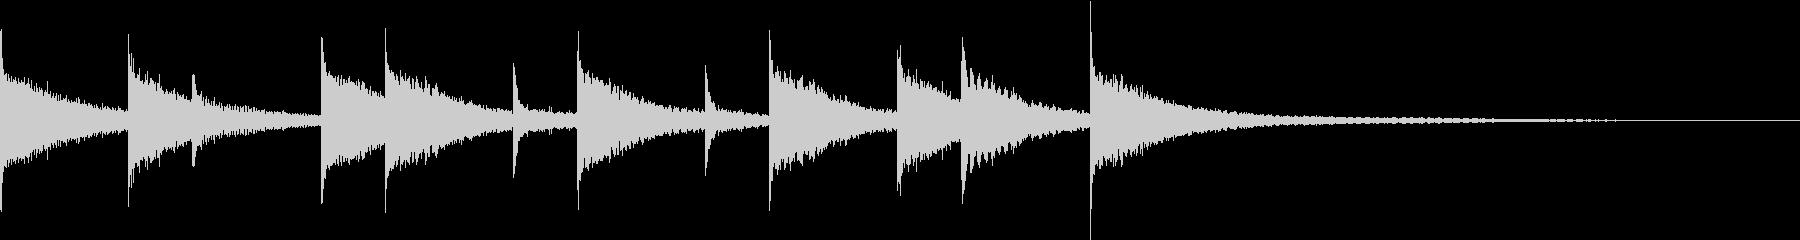 ほのぼのジングル 鉄琴木琴のかわいい系の未再生の波形